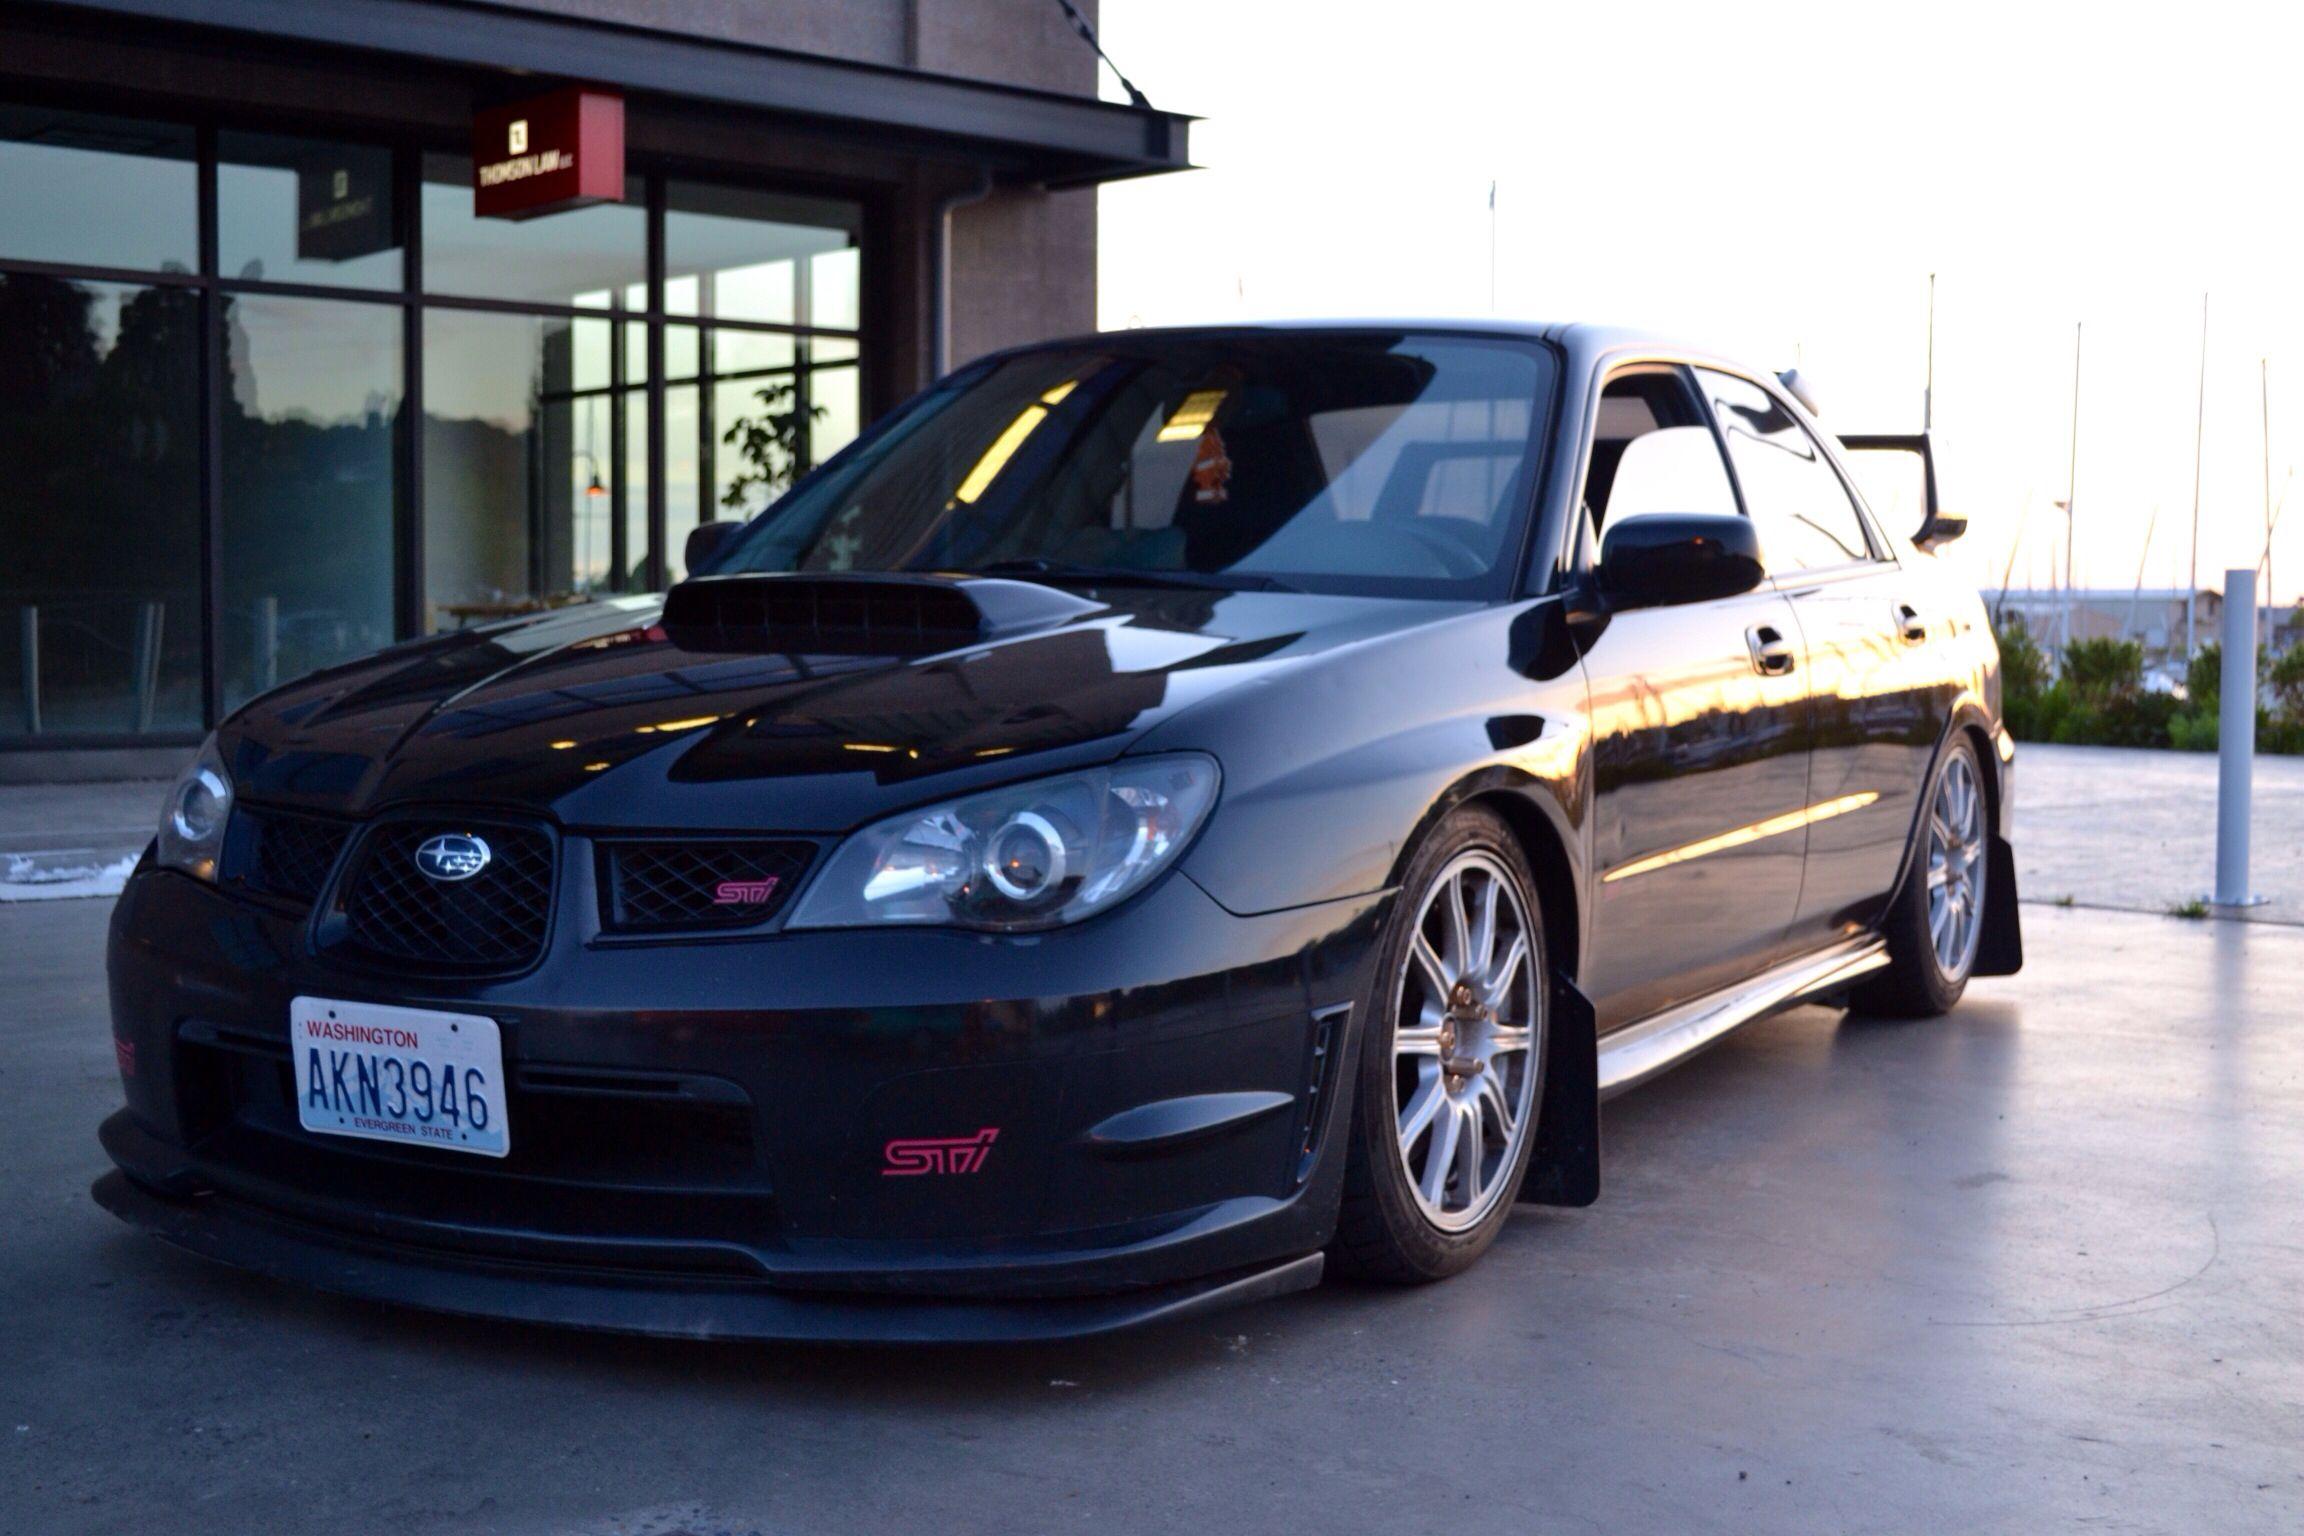 Sti black hawkeye 07 | Subaru Cars,Van,SUV,Coupe, and